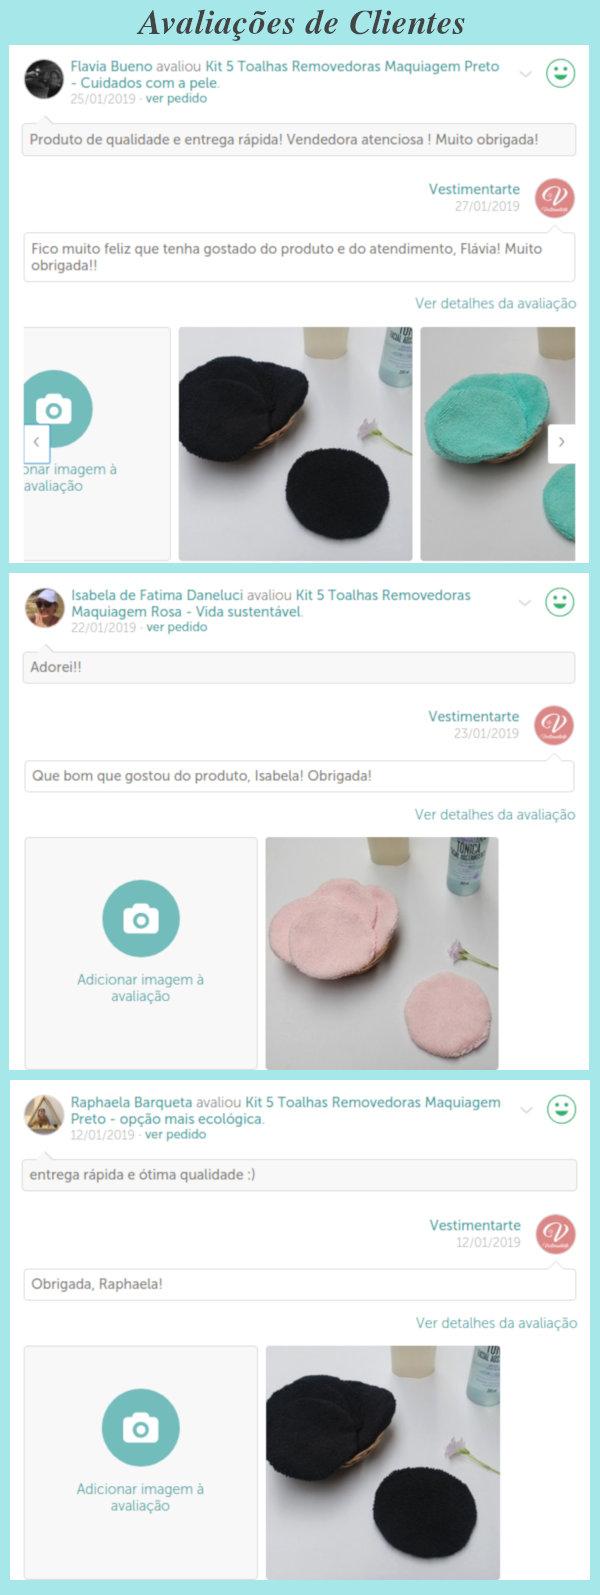 toalhas removedoras maquiagem avaliações